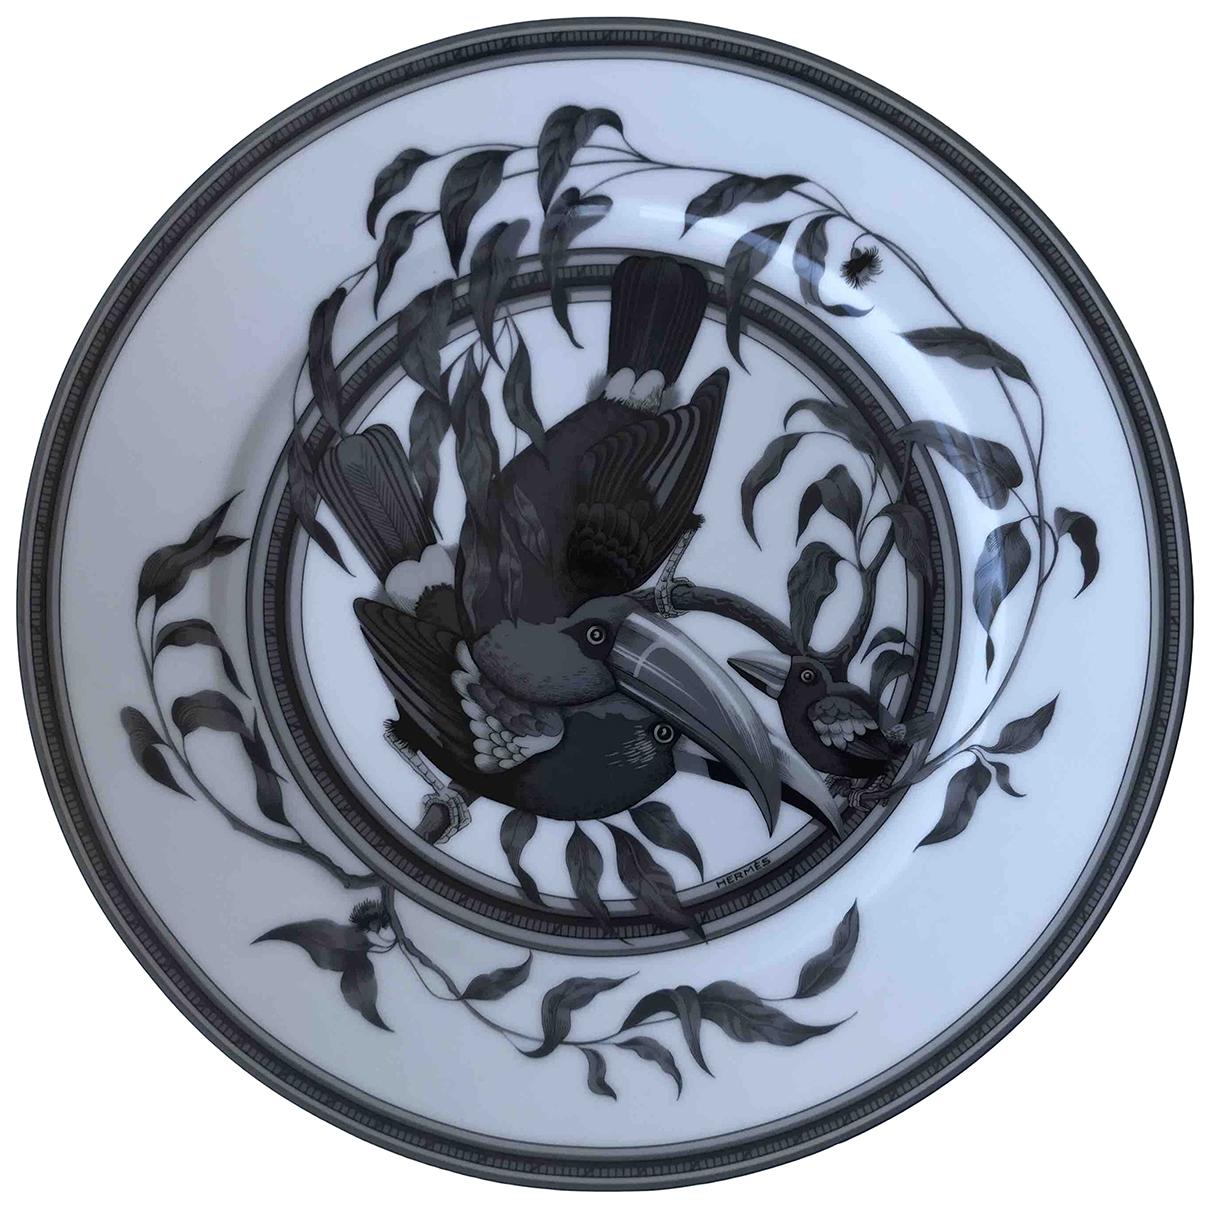 Hermes Toucans Tischkultur in  Schwarz Keramik